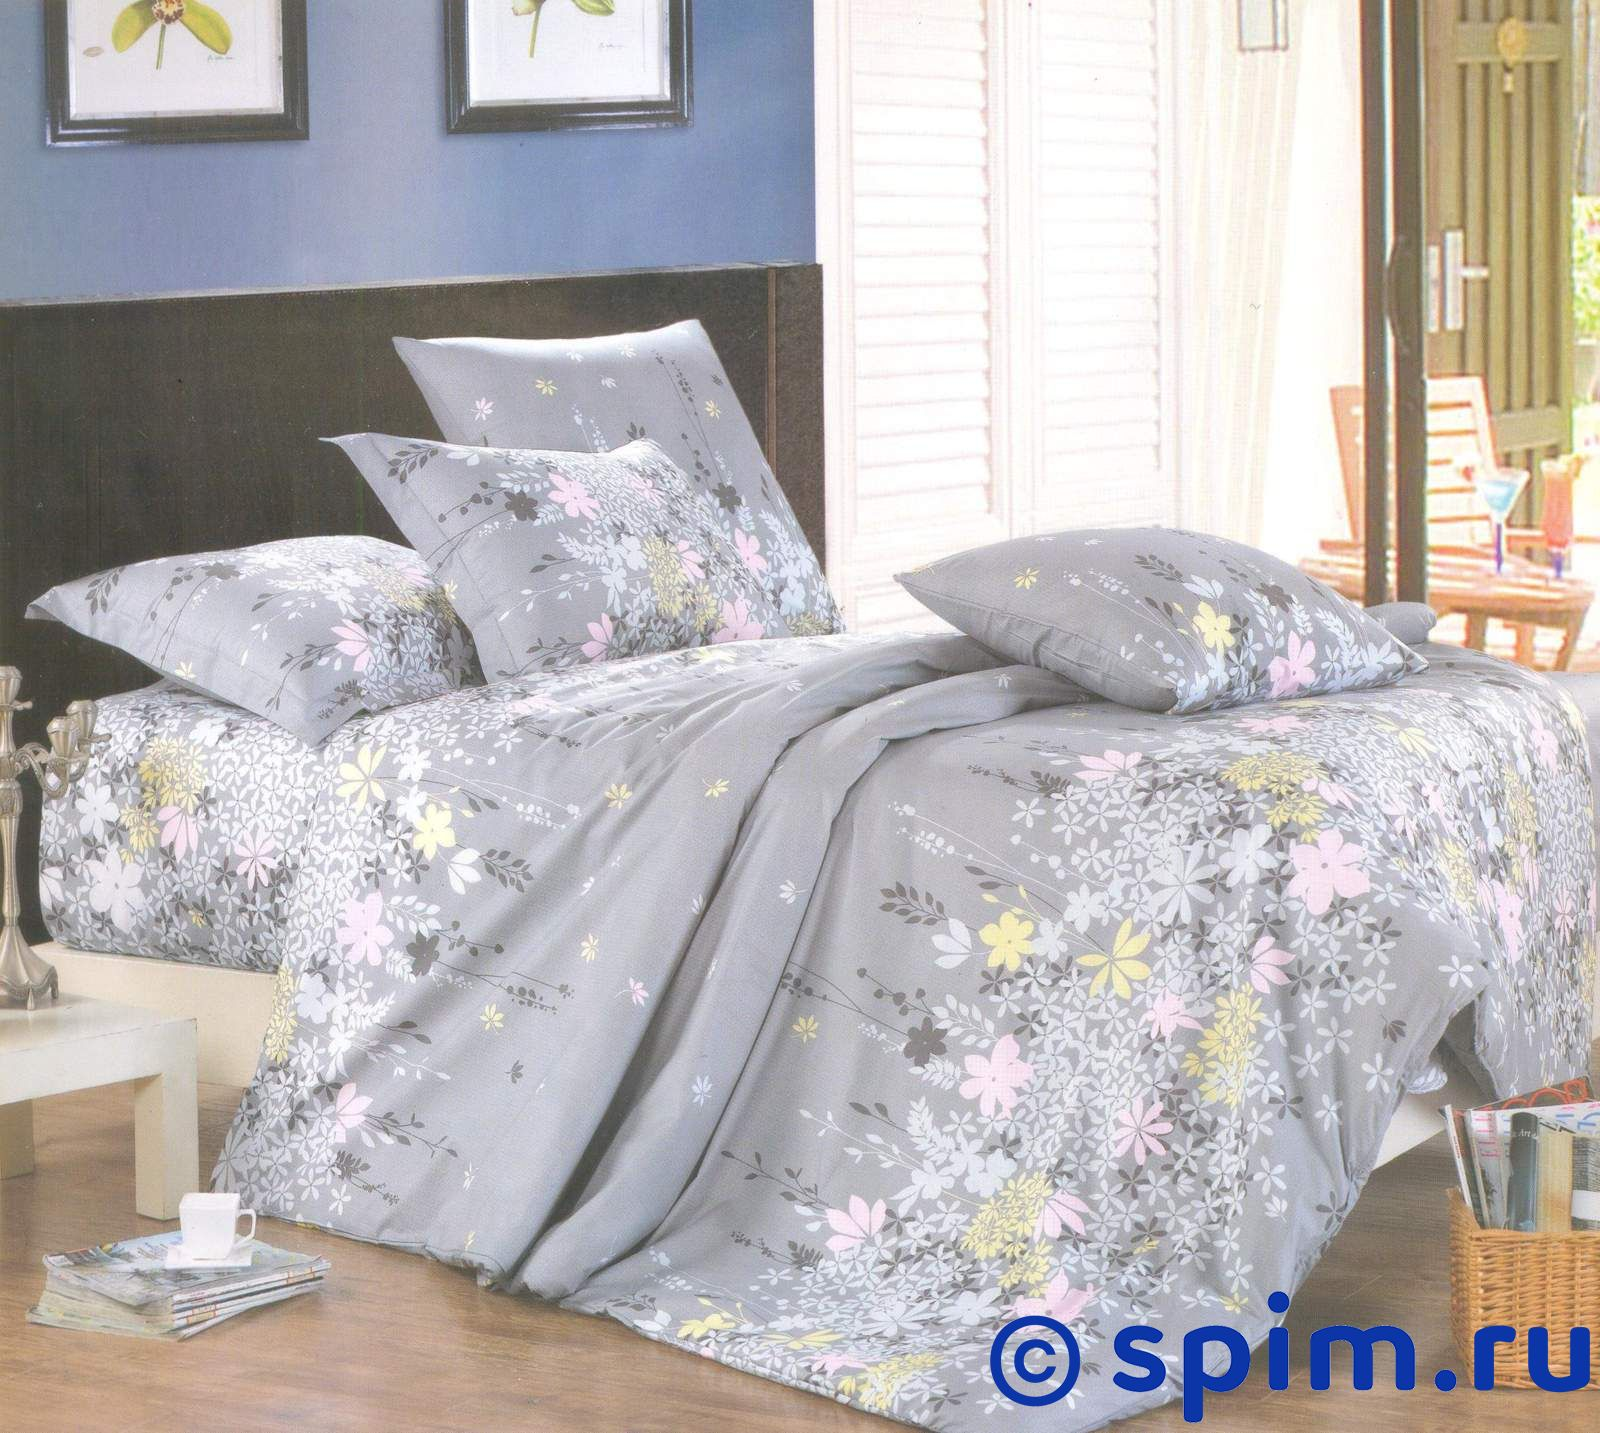 Комплект СайлиД А148 1.5 спальное